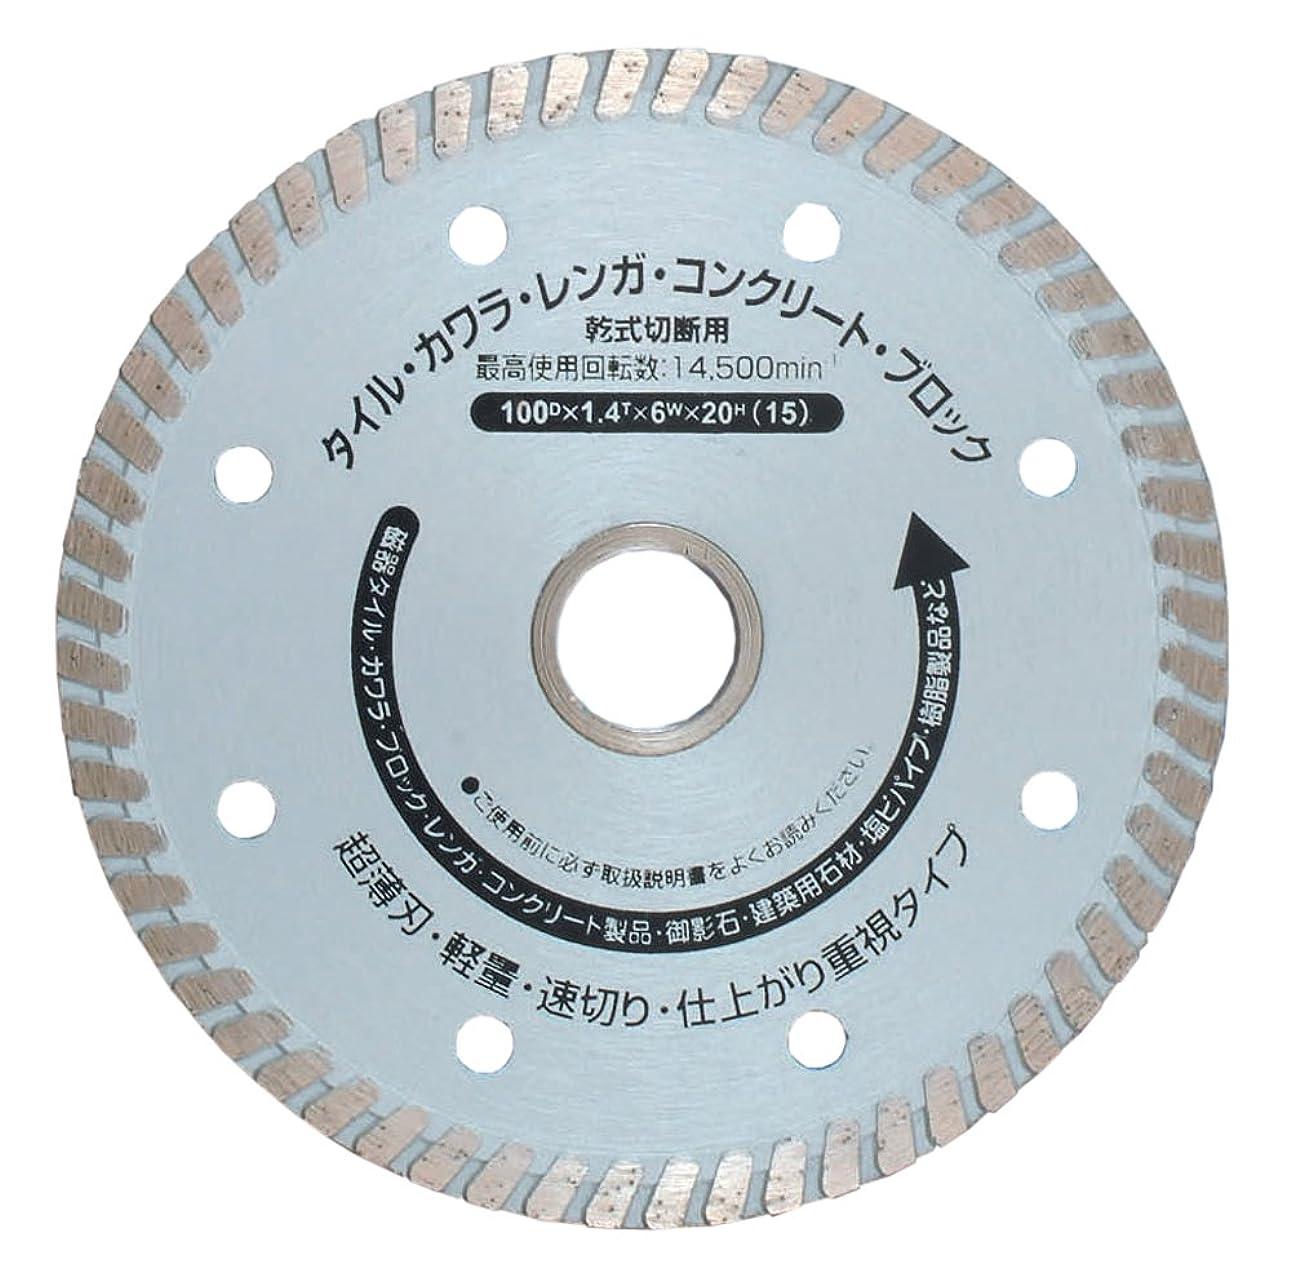 符号深い体操リリーフ(RELIFE) 薄型?軽量 ダイヤモンドカッター 29439